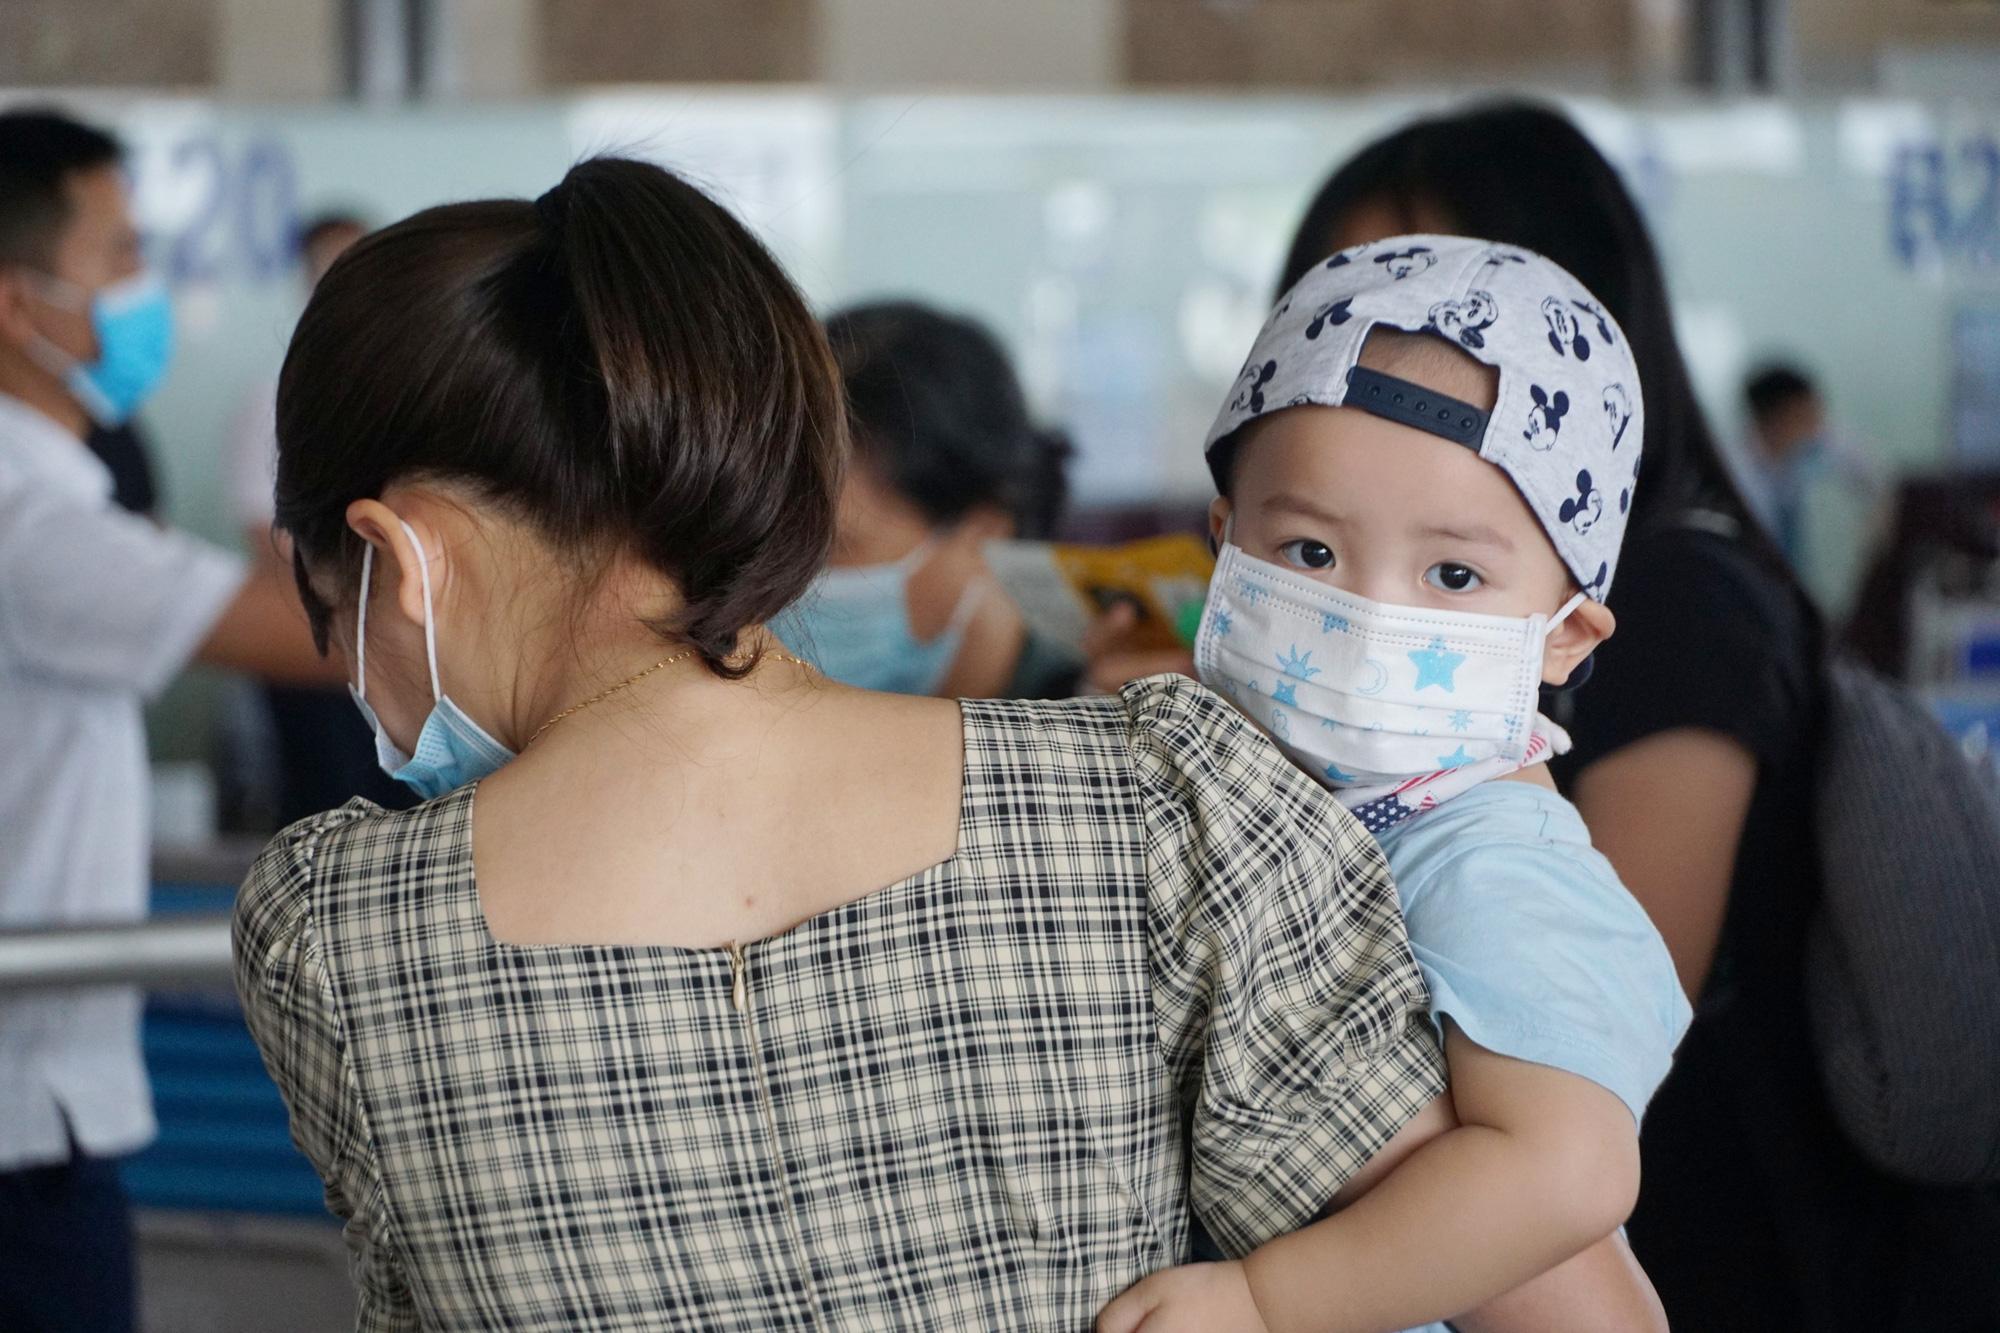 Hàng vạn hành khách xếp hàng dài chờ check-in tại sân bay Nội Bài trước ngày nghỉ lễ 30/4-1/5 - Ảnh 12.